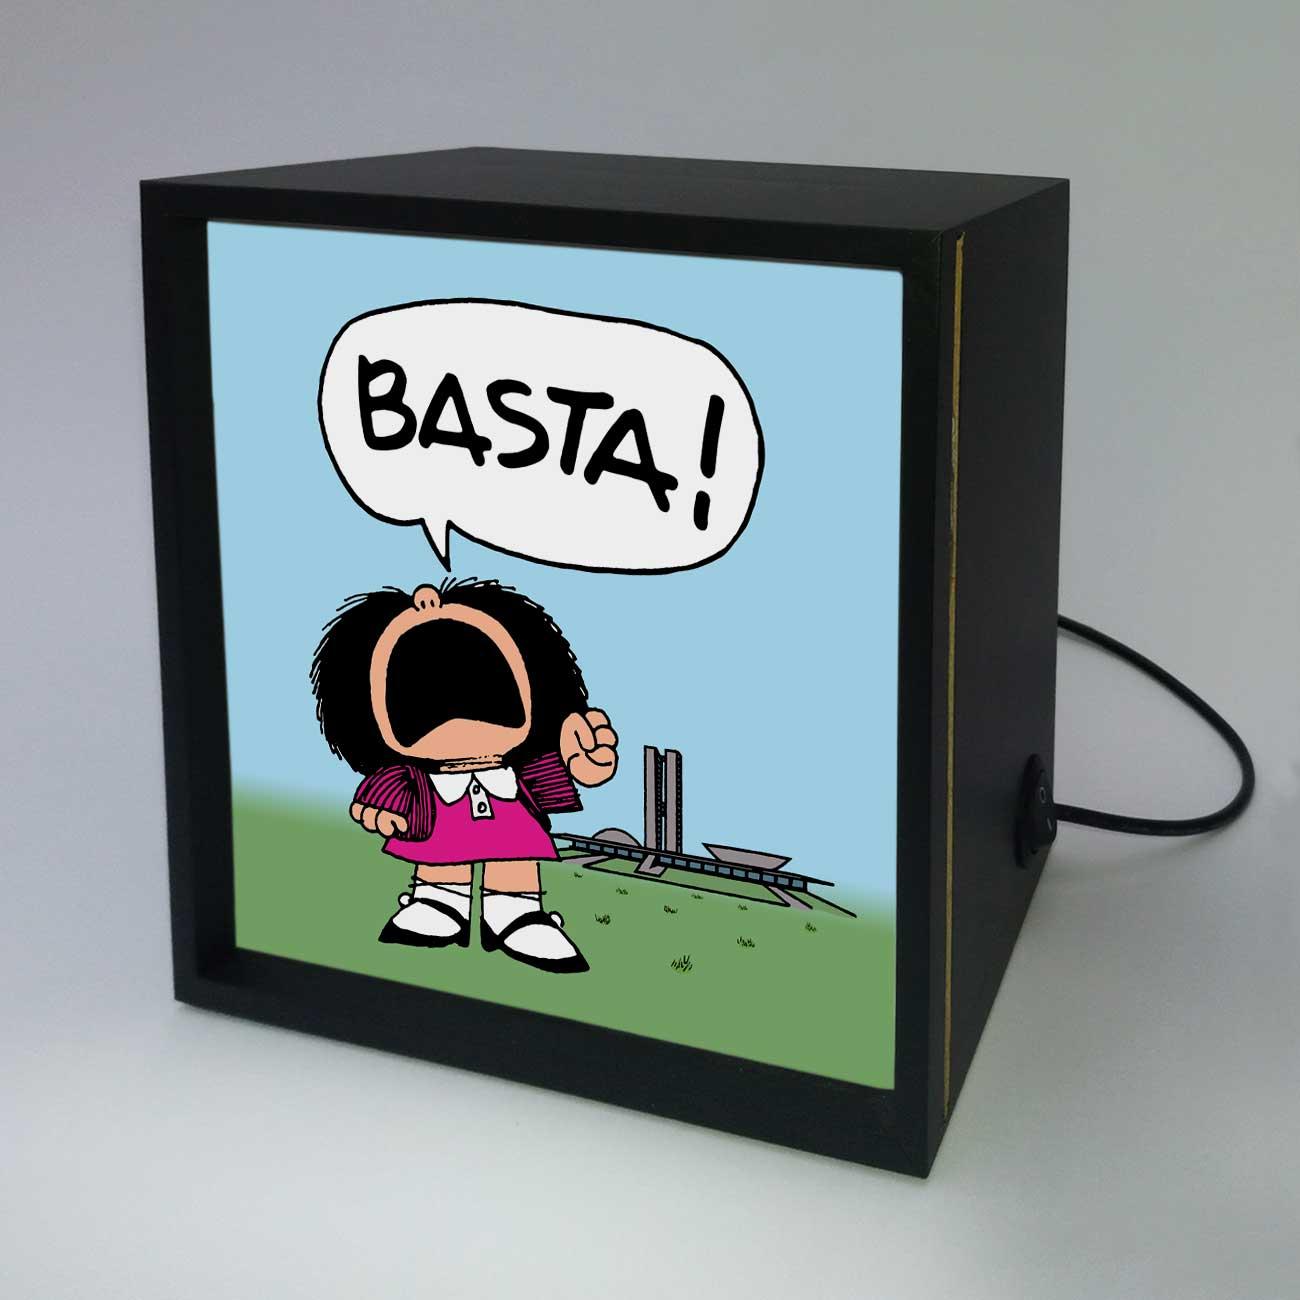 Backlight - Basta